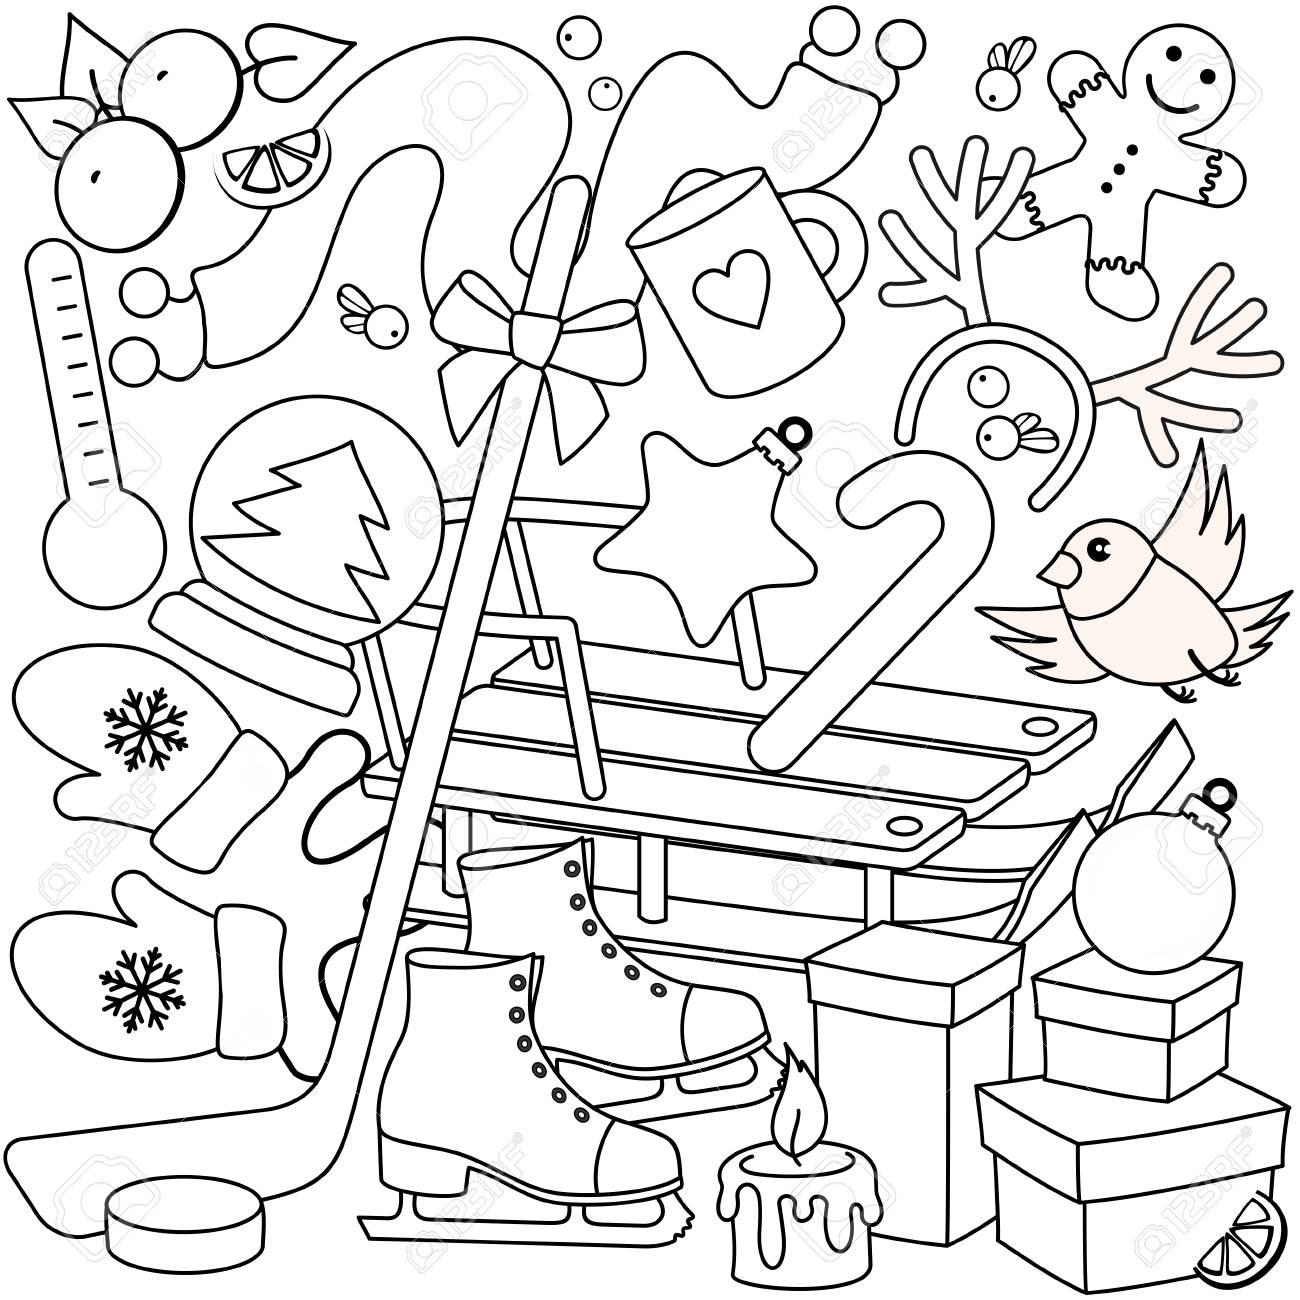 Dibujos Animados De Invierno Año Nuevo Para Colorear Con Objetos De